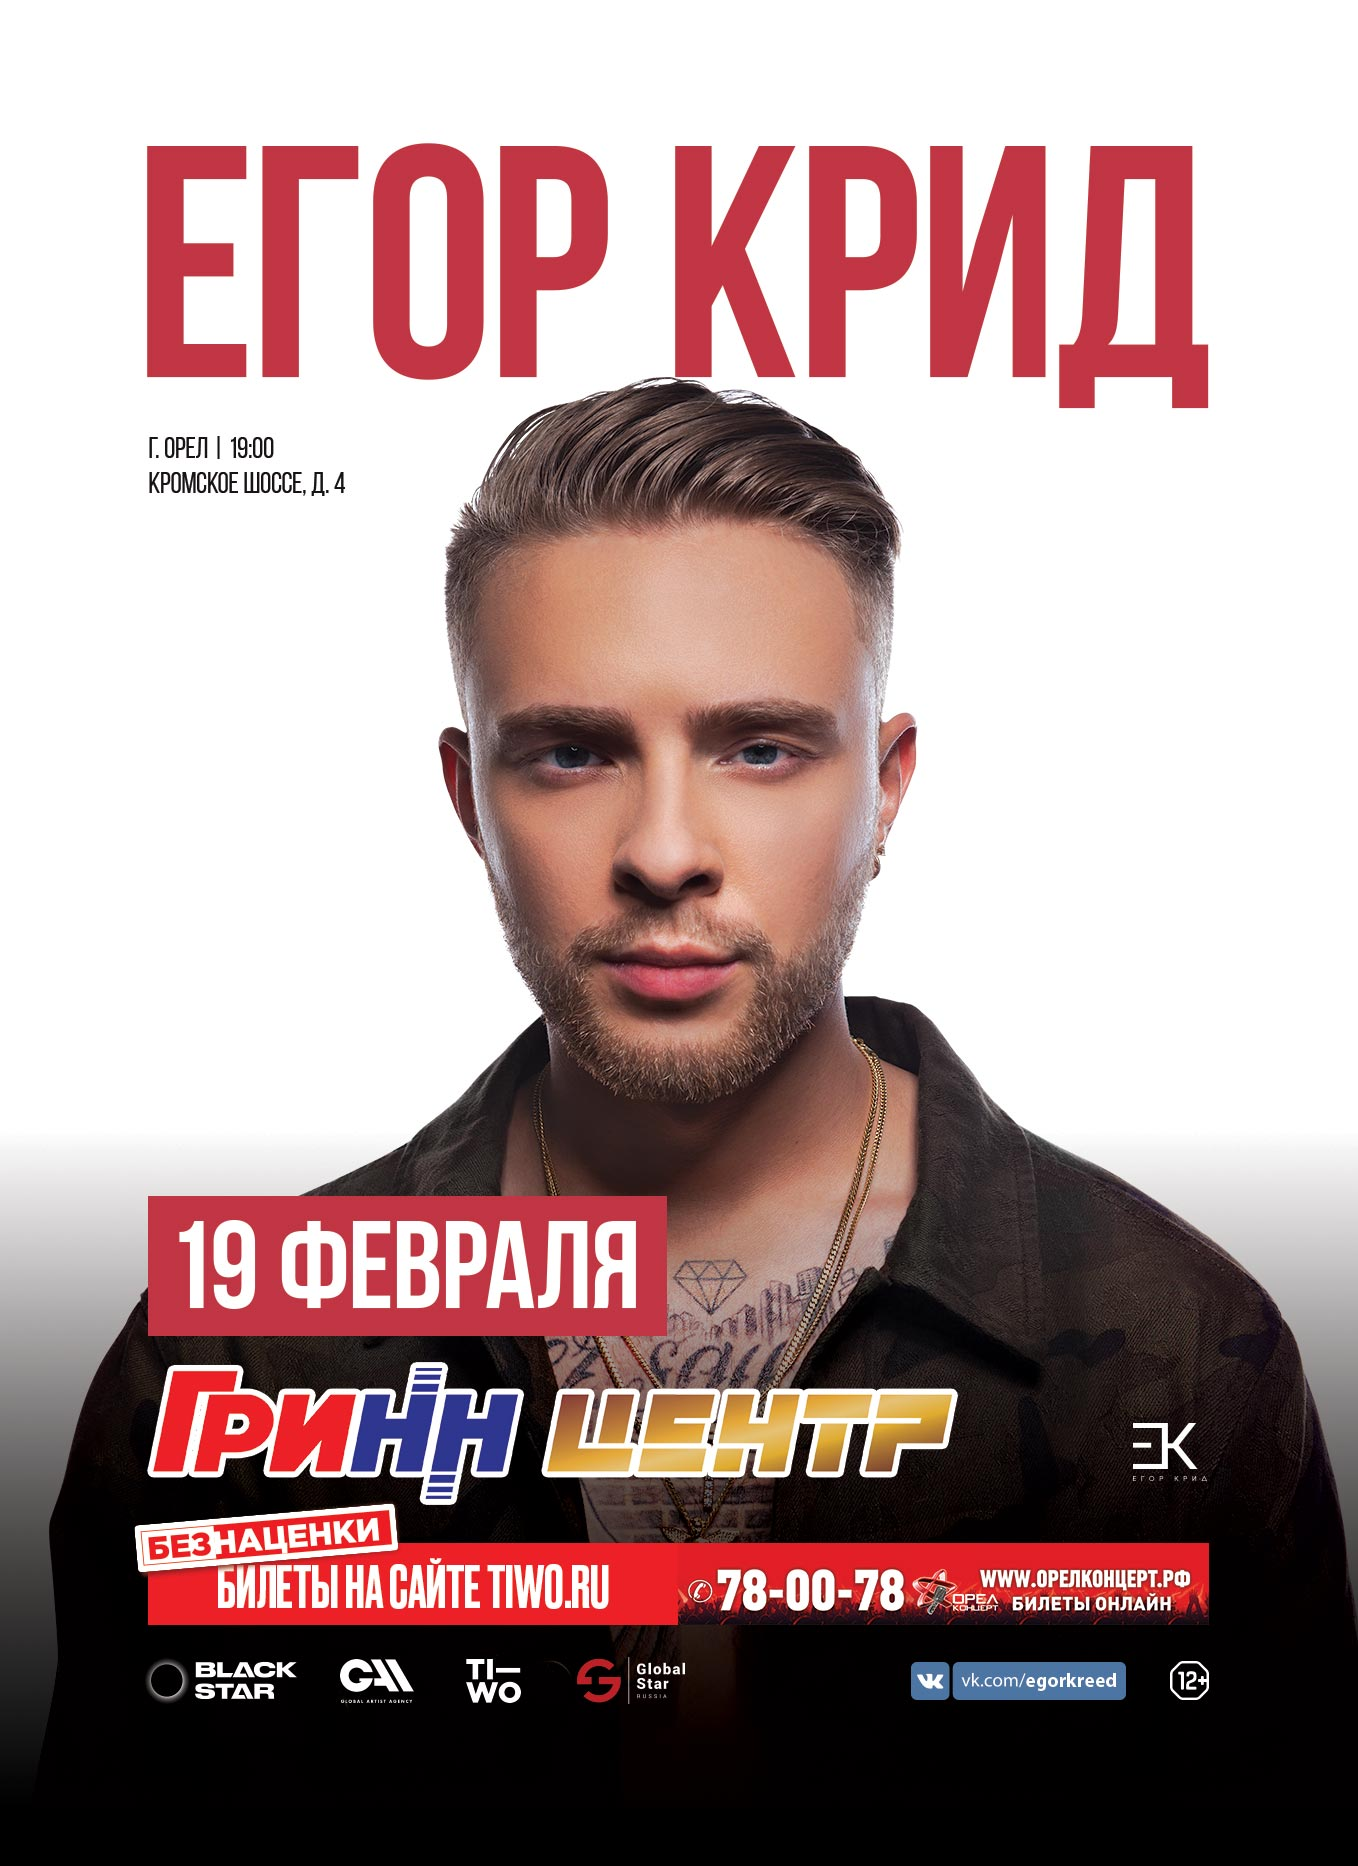 Егор Крид «Холостяк»